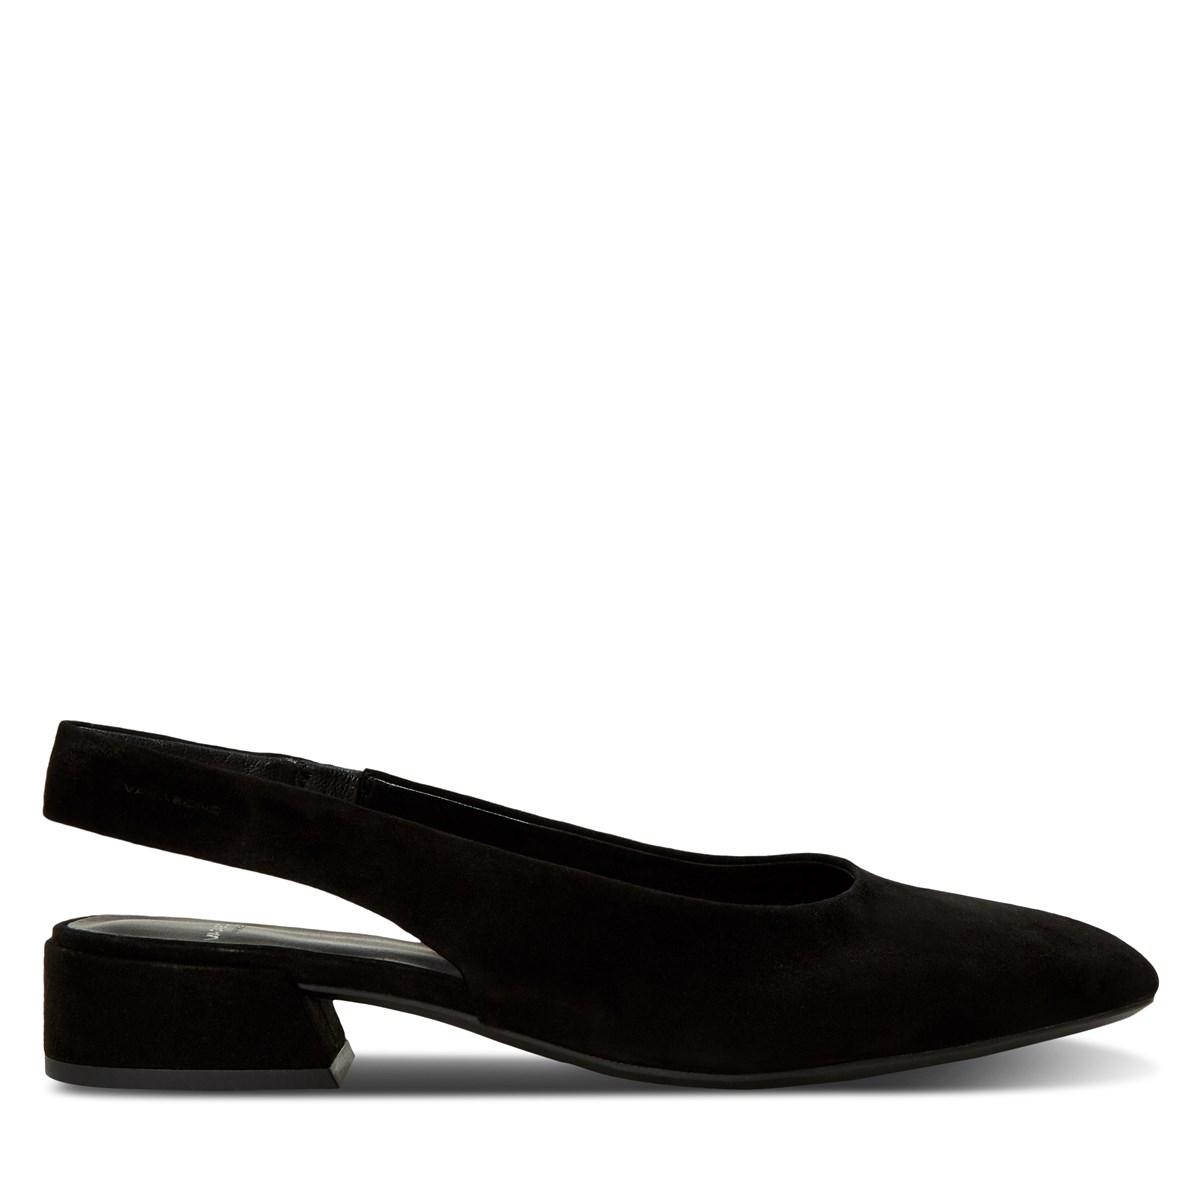 Women's Joyce Slingback Sandal in Black